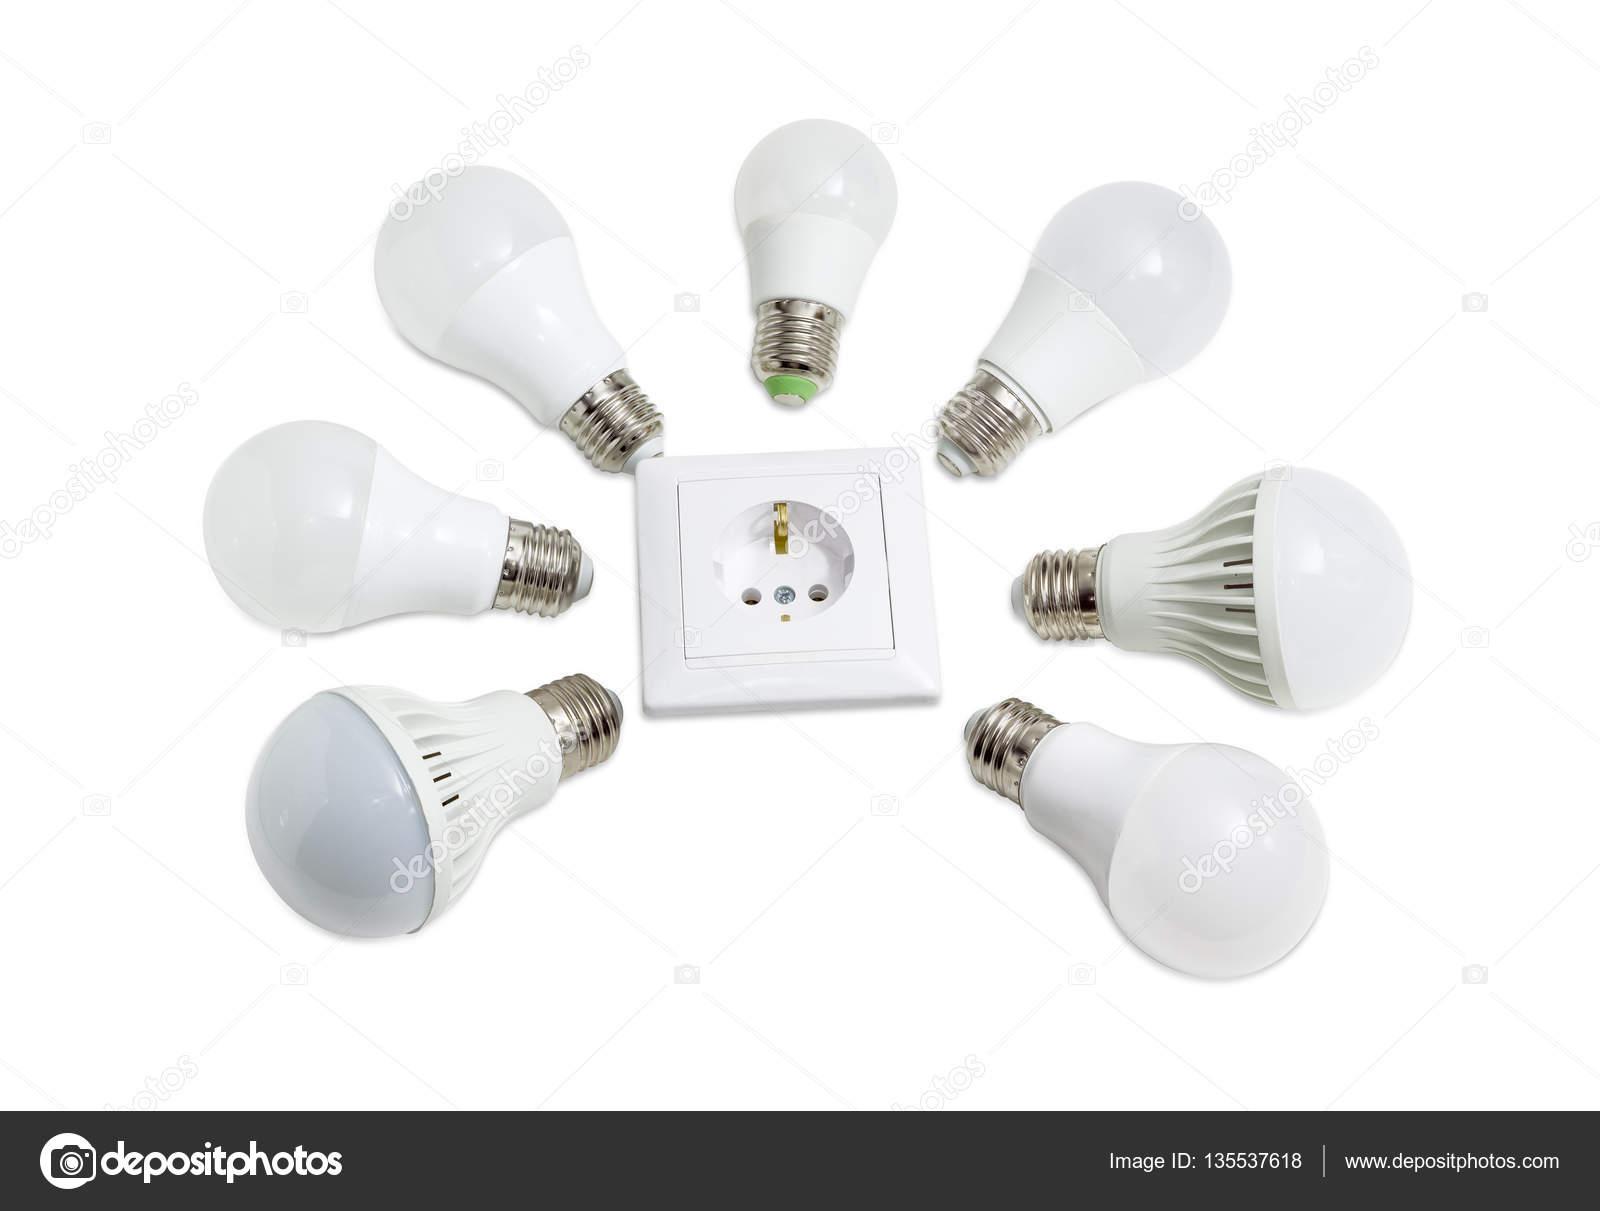 mehreren licht emittierende diode lampe um die steckdose — stockfoto